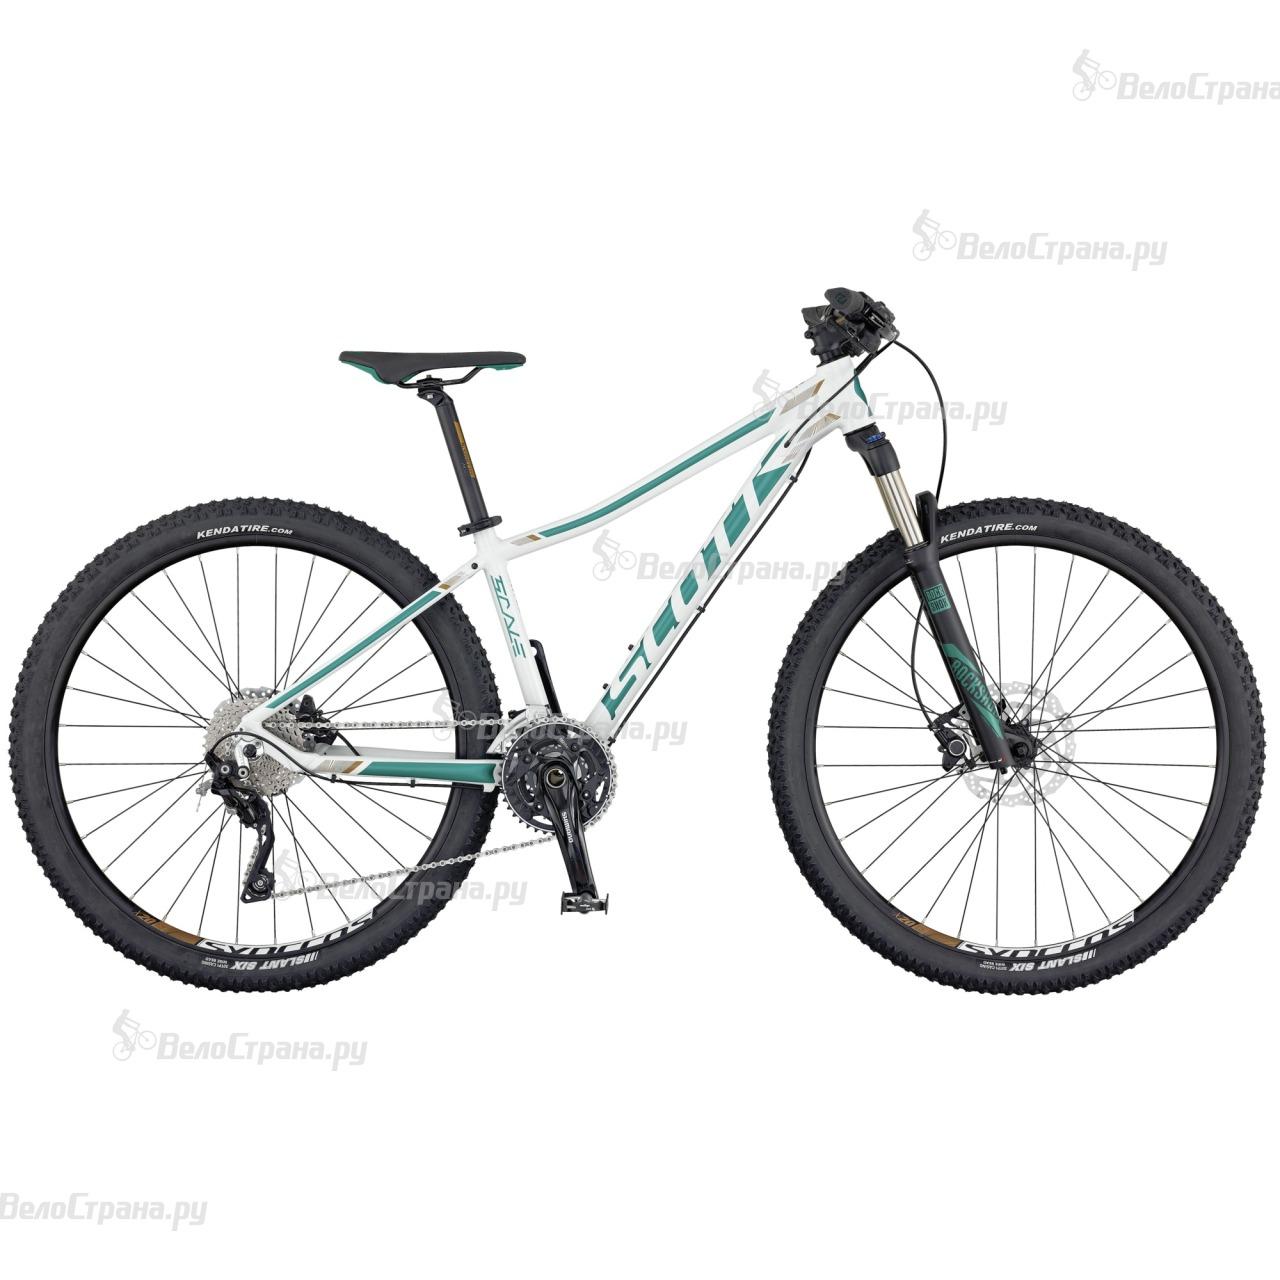 Велосипед Scott Contessa Scale 920 (2017)